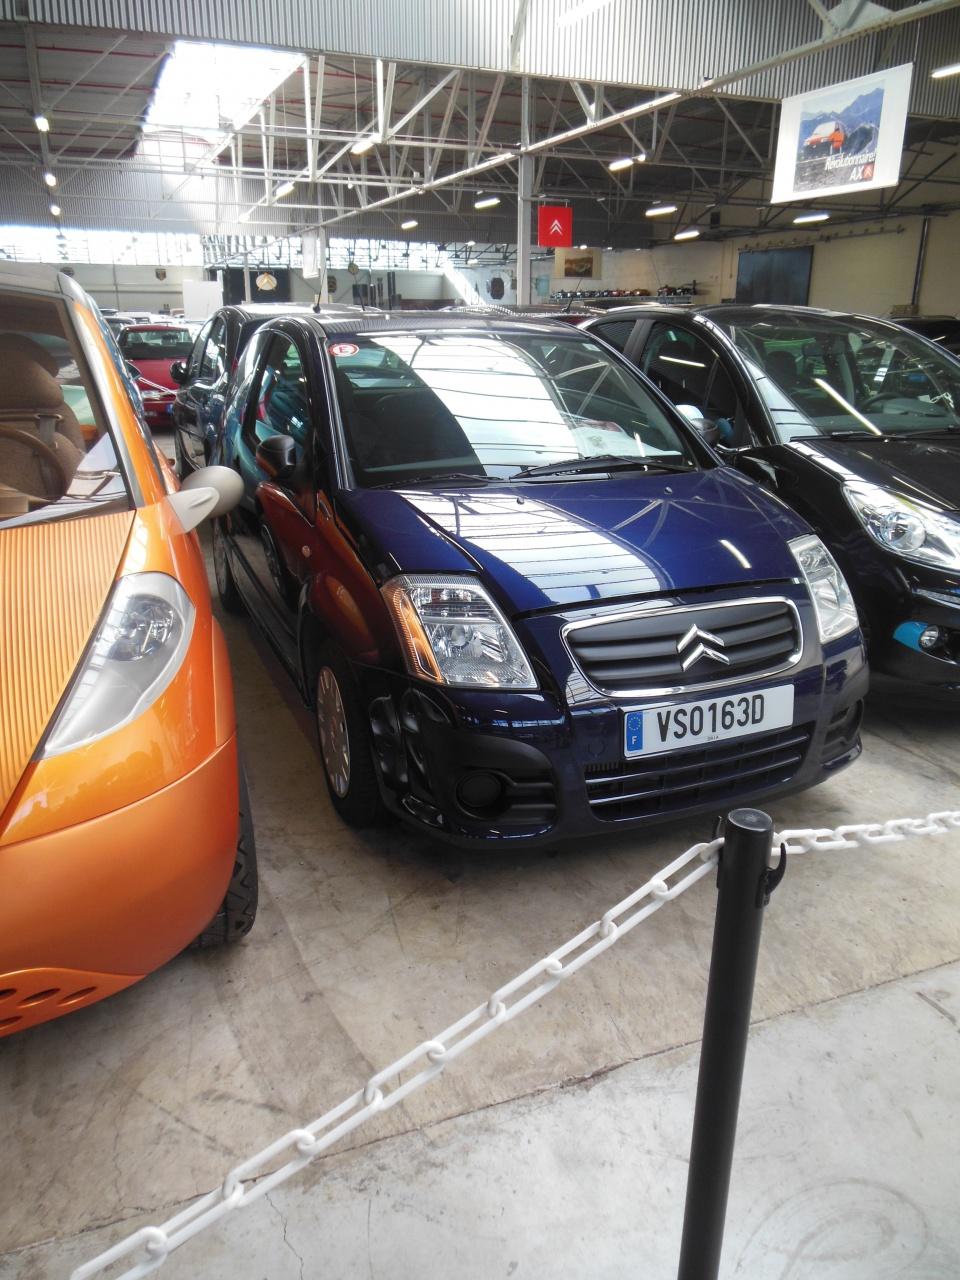 Dscn1709 conservatoire citro n galerie garage auto for Garage volkswagen la teste